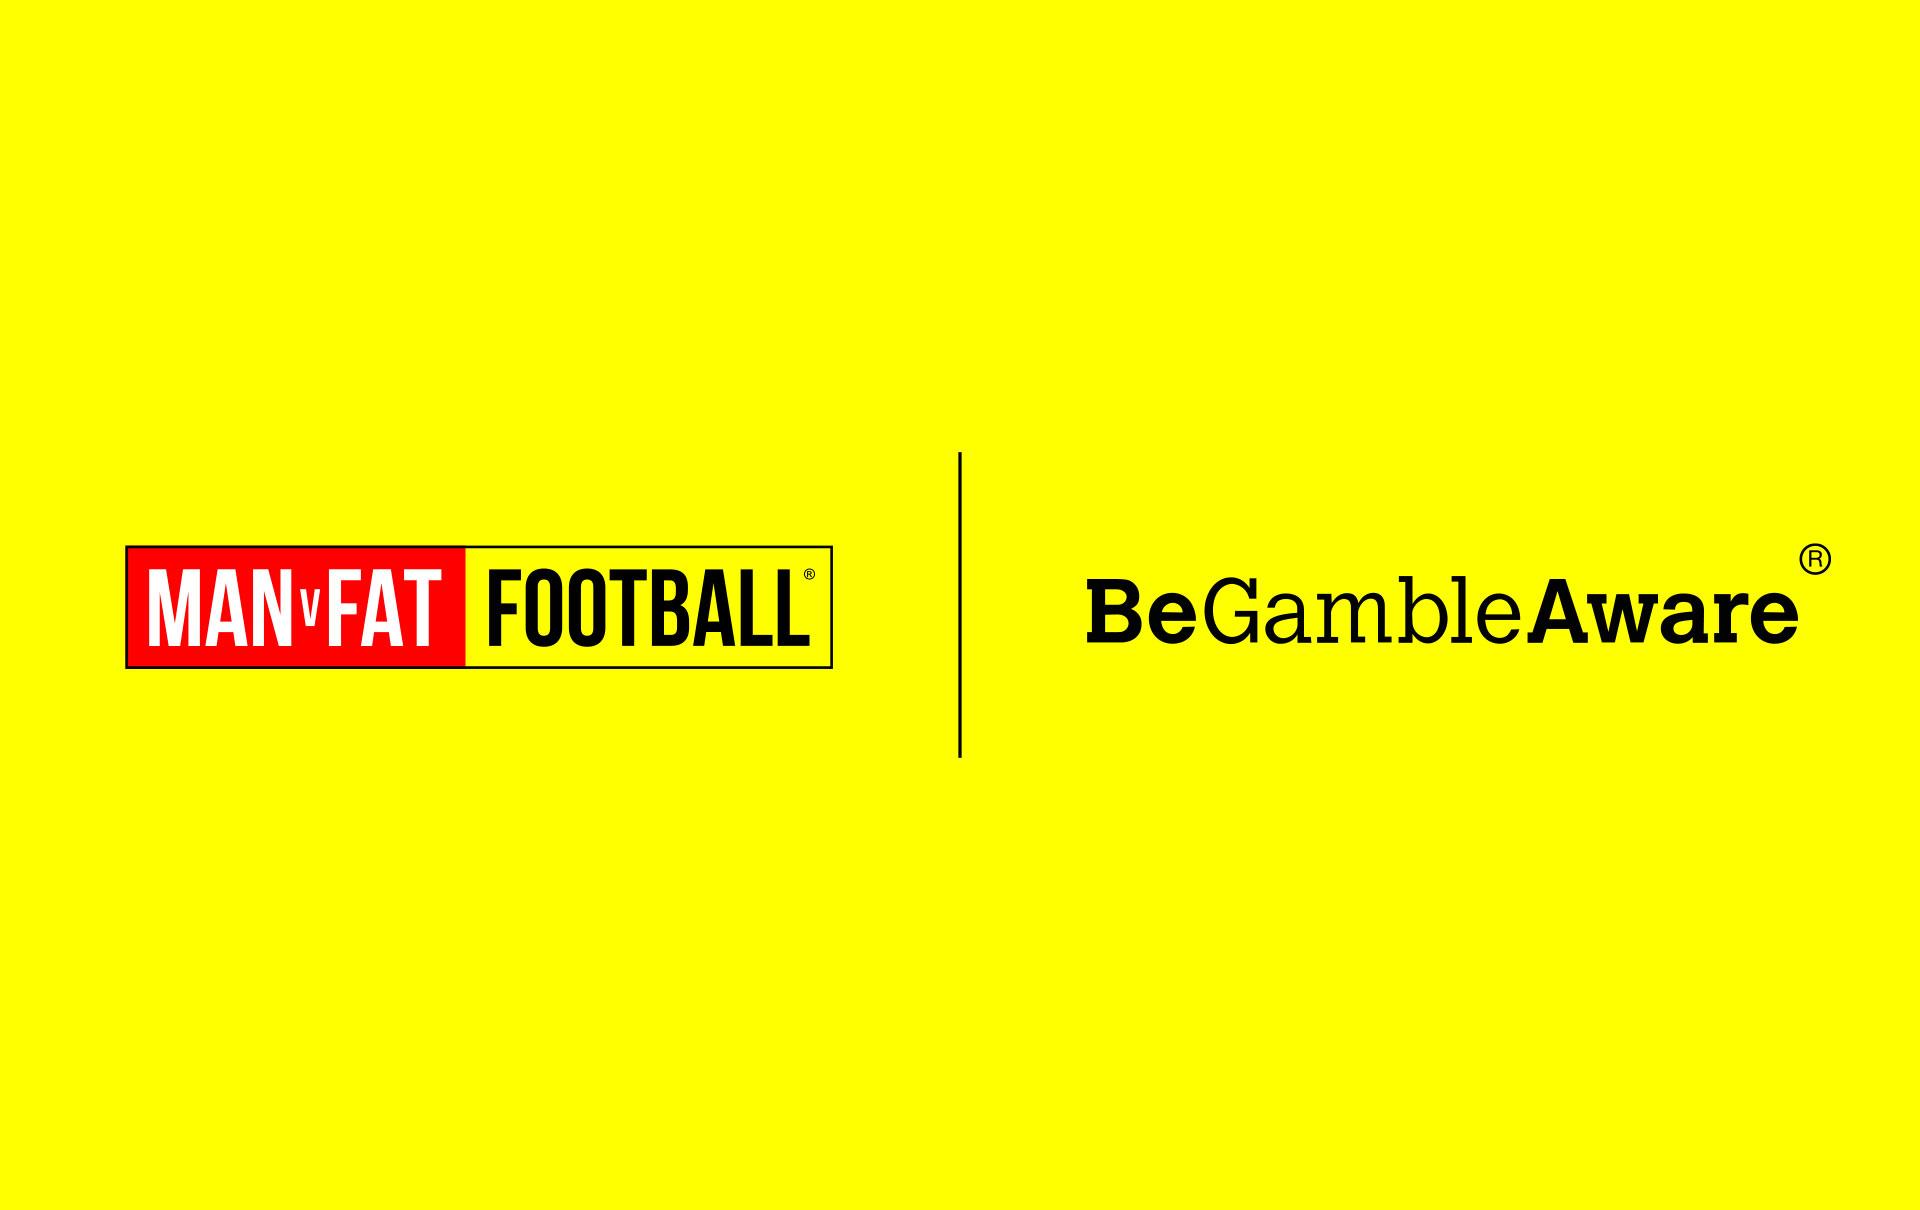 MAN v FAT and GambleAware